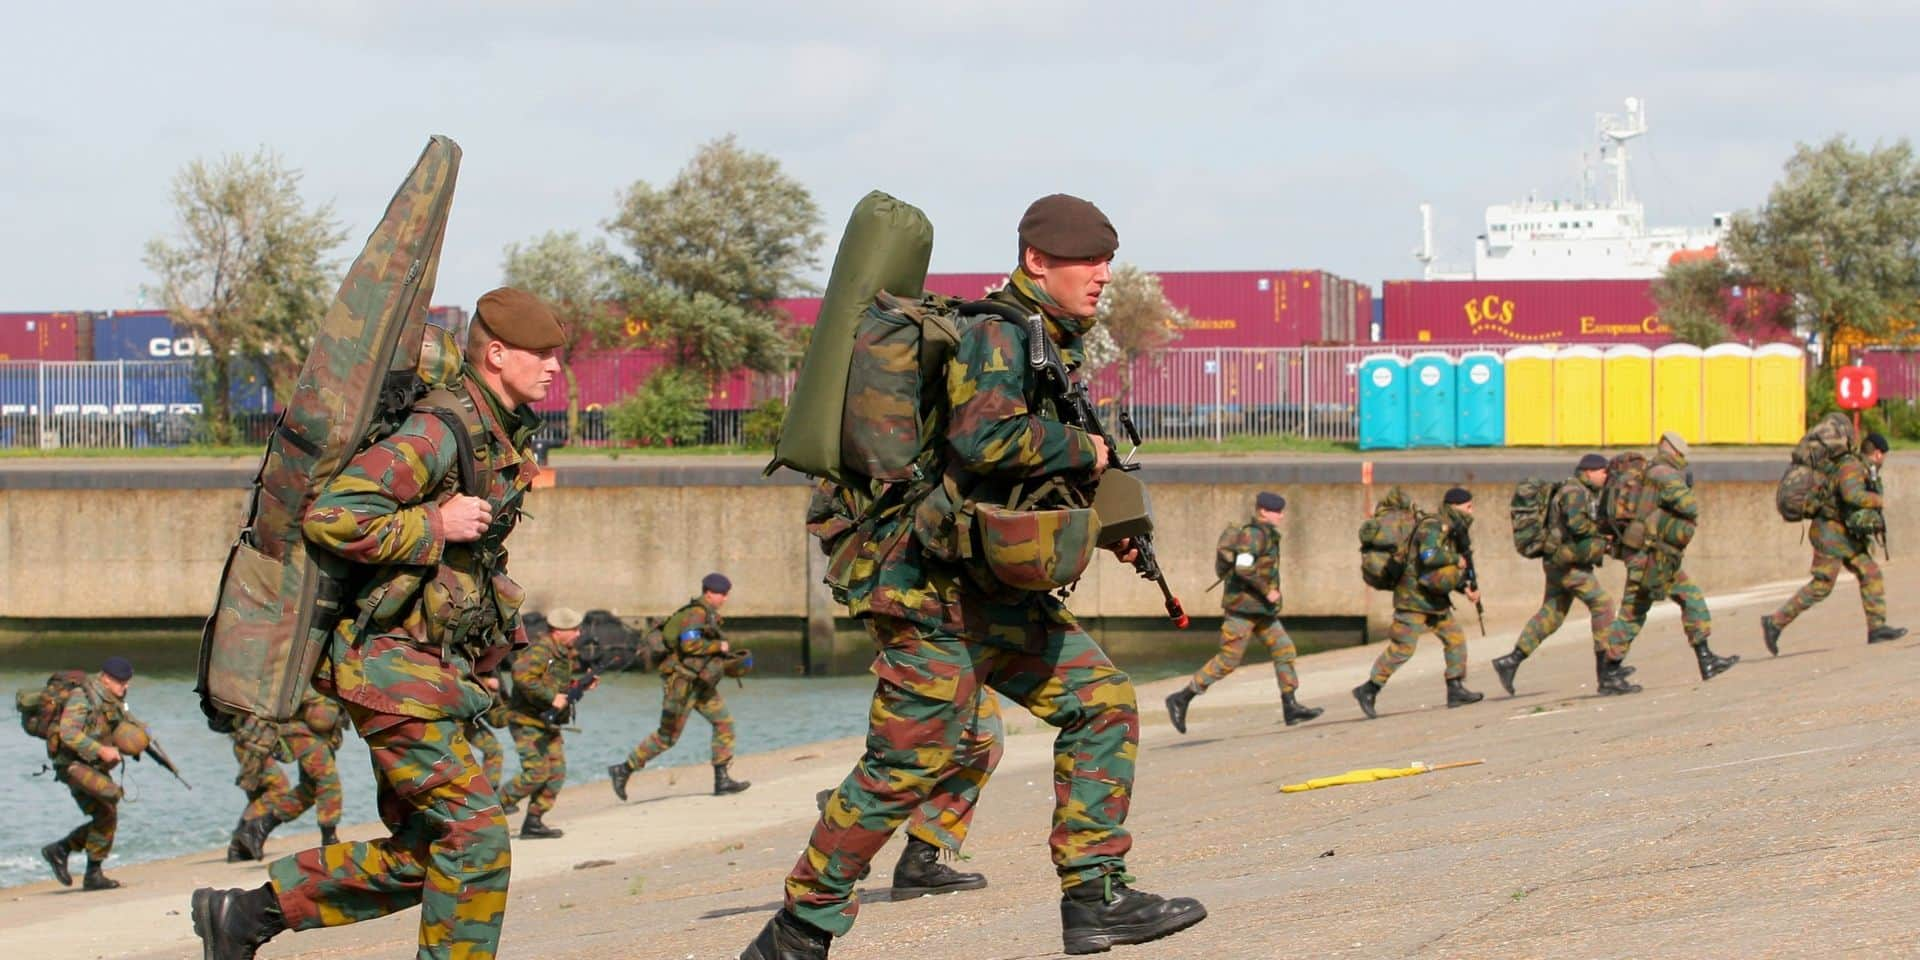 Quatre cents cas de contamination au Covid-19 au sein de l'armée belge